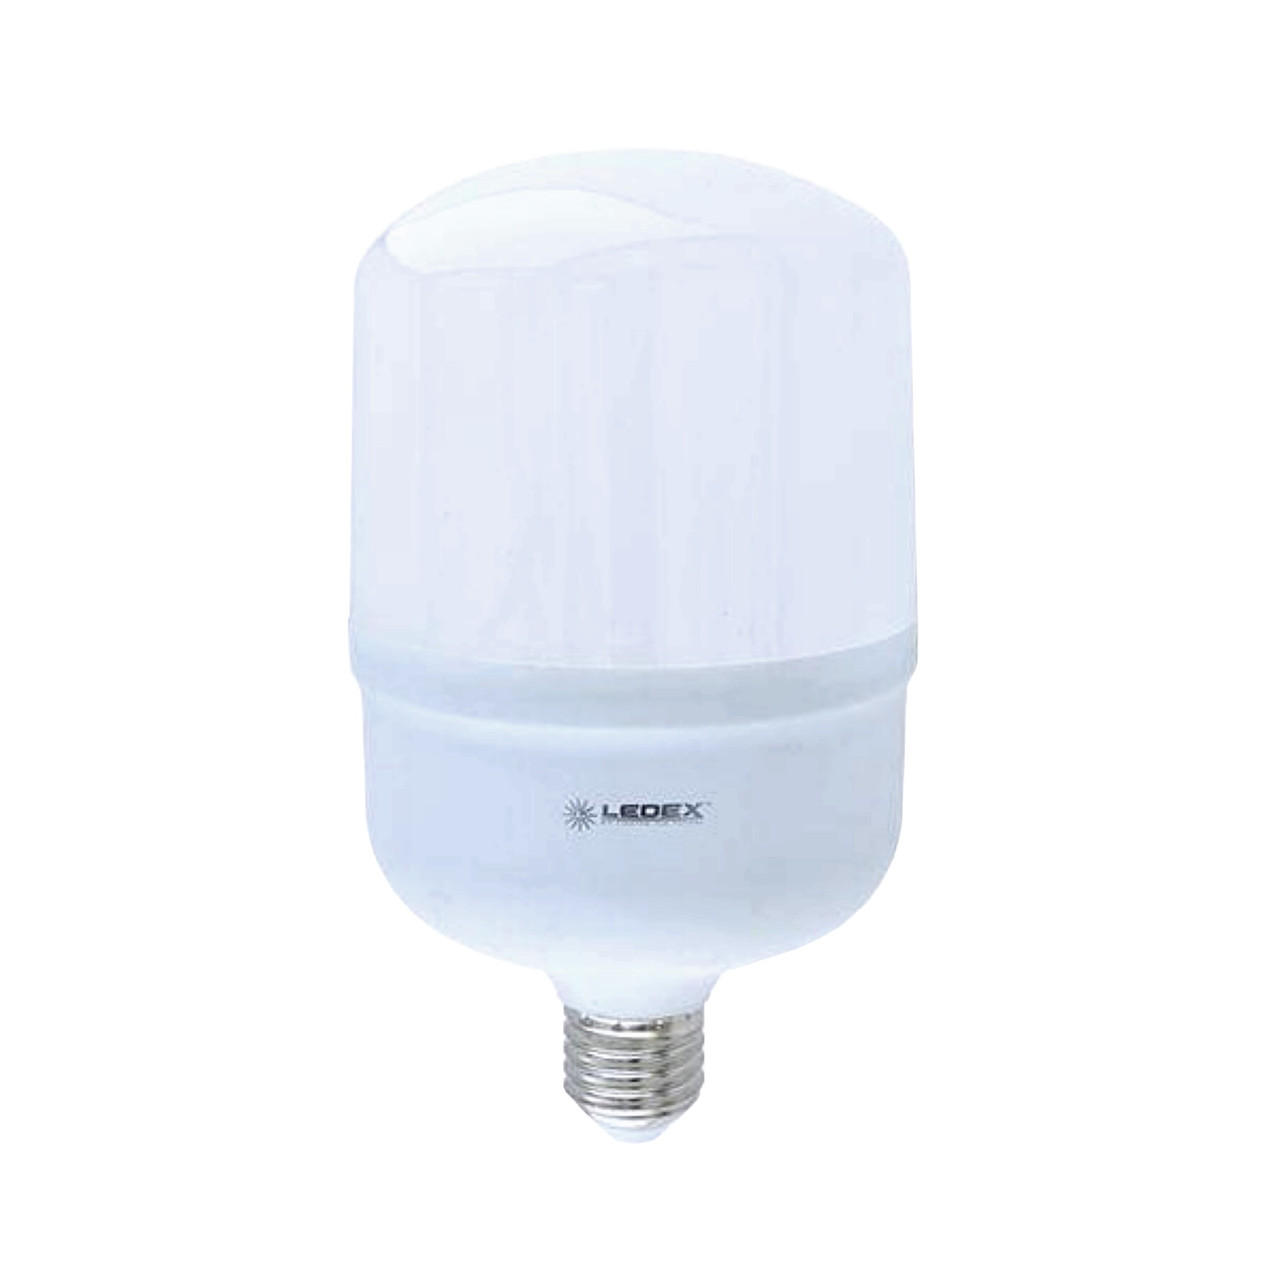 Светодиодная лампа LEDEX HIGH POWER T140 60Вт 5700lm 6500К E40 (101705)